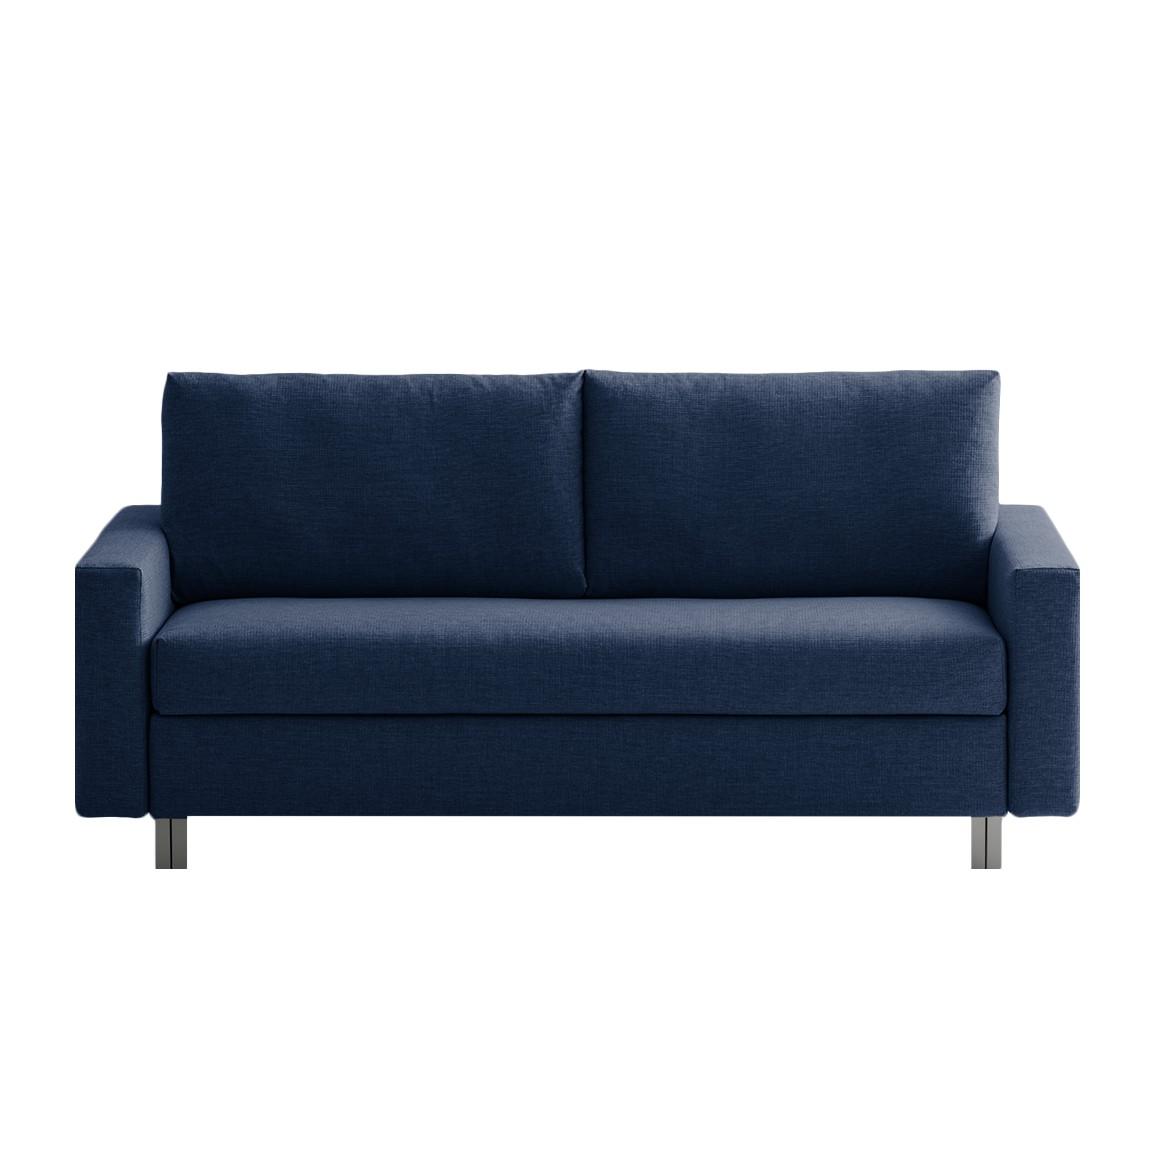 Fs inspire acheter meuble de salon en ligne for Acheter meuble en ligne